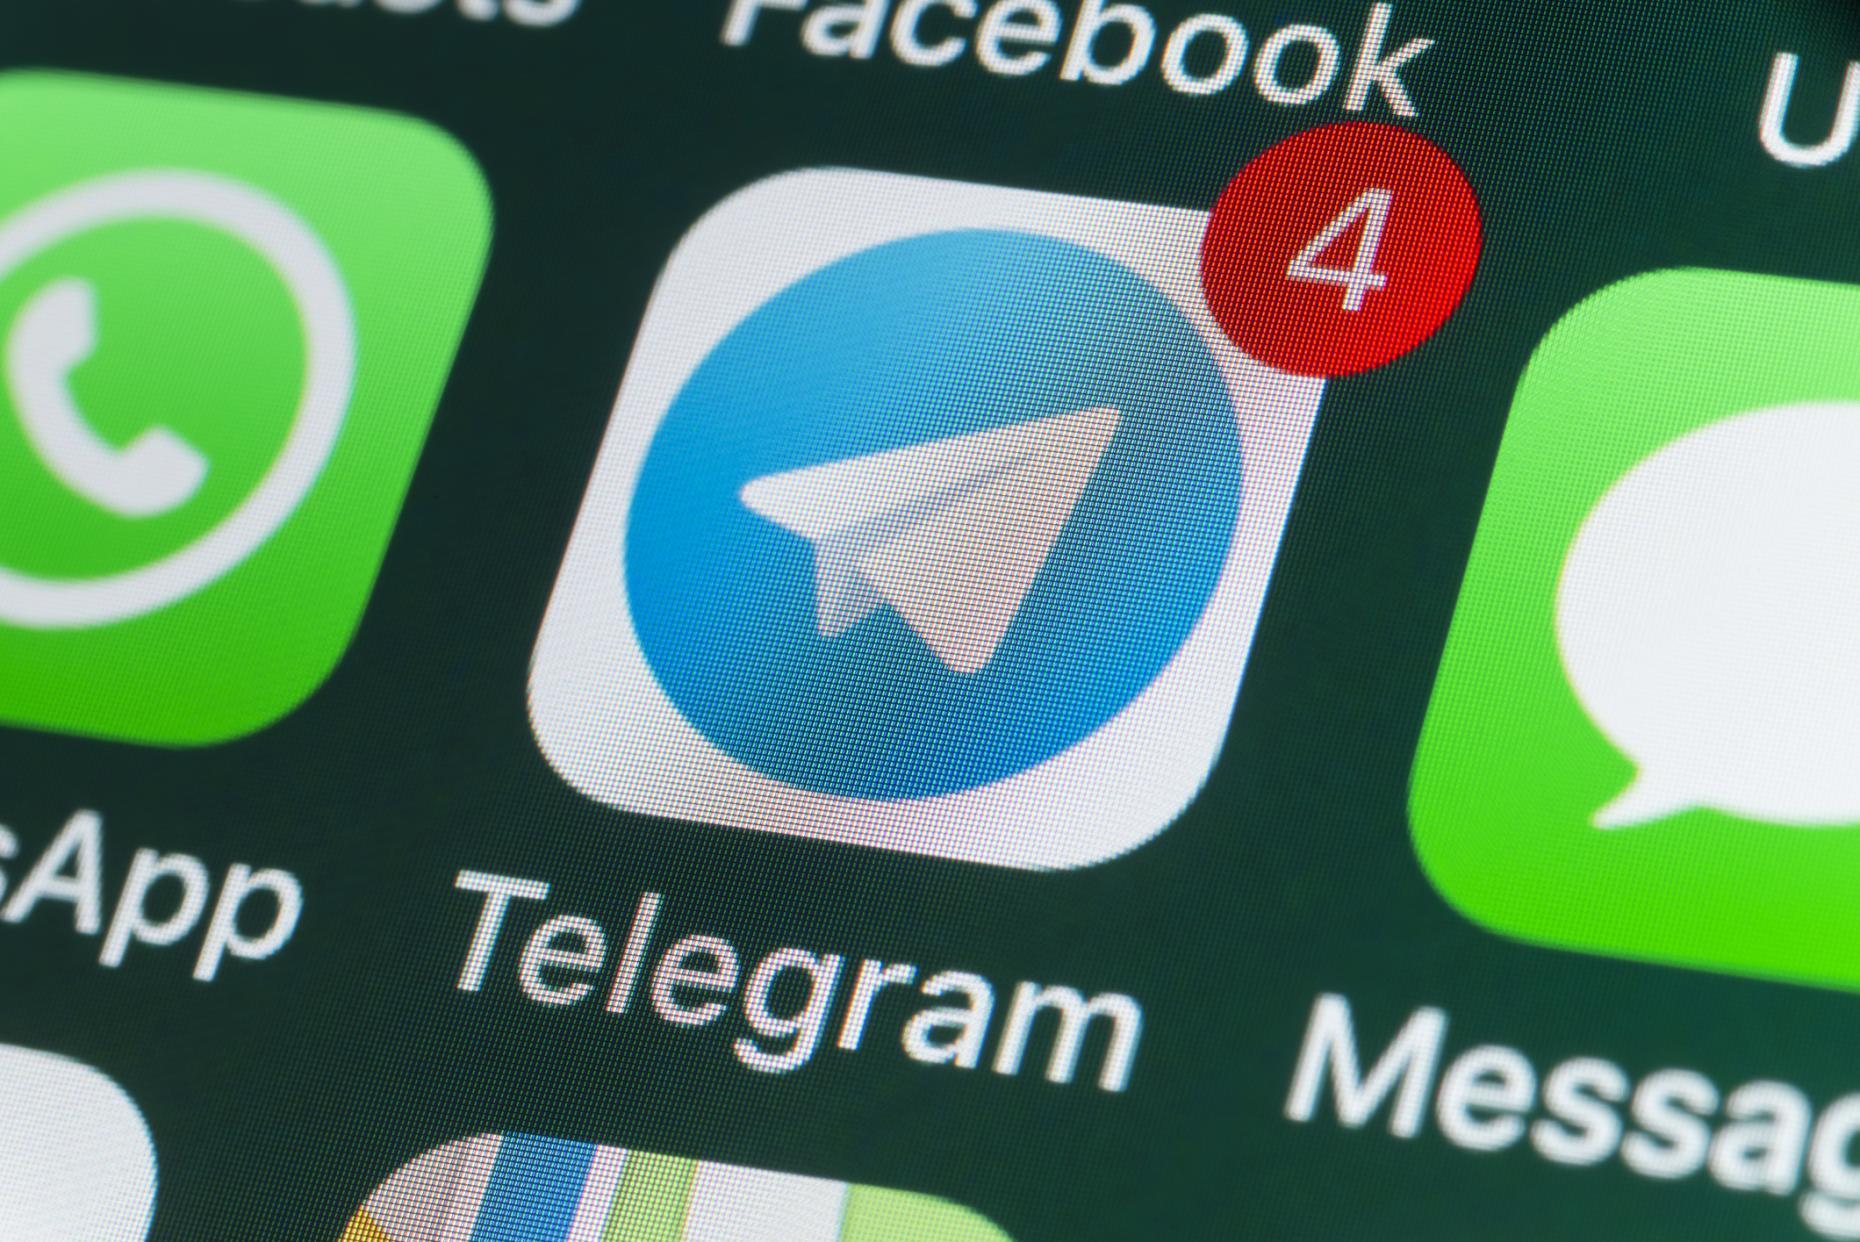 Los 7 Mejores Bots De Telegram Actualizado 2021 Business Insider Espana